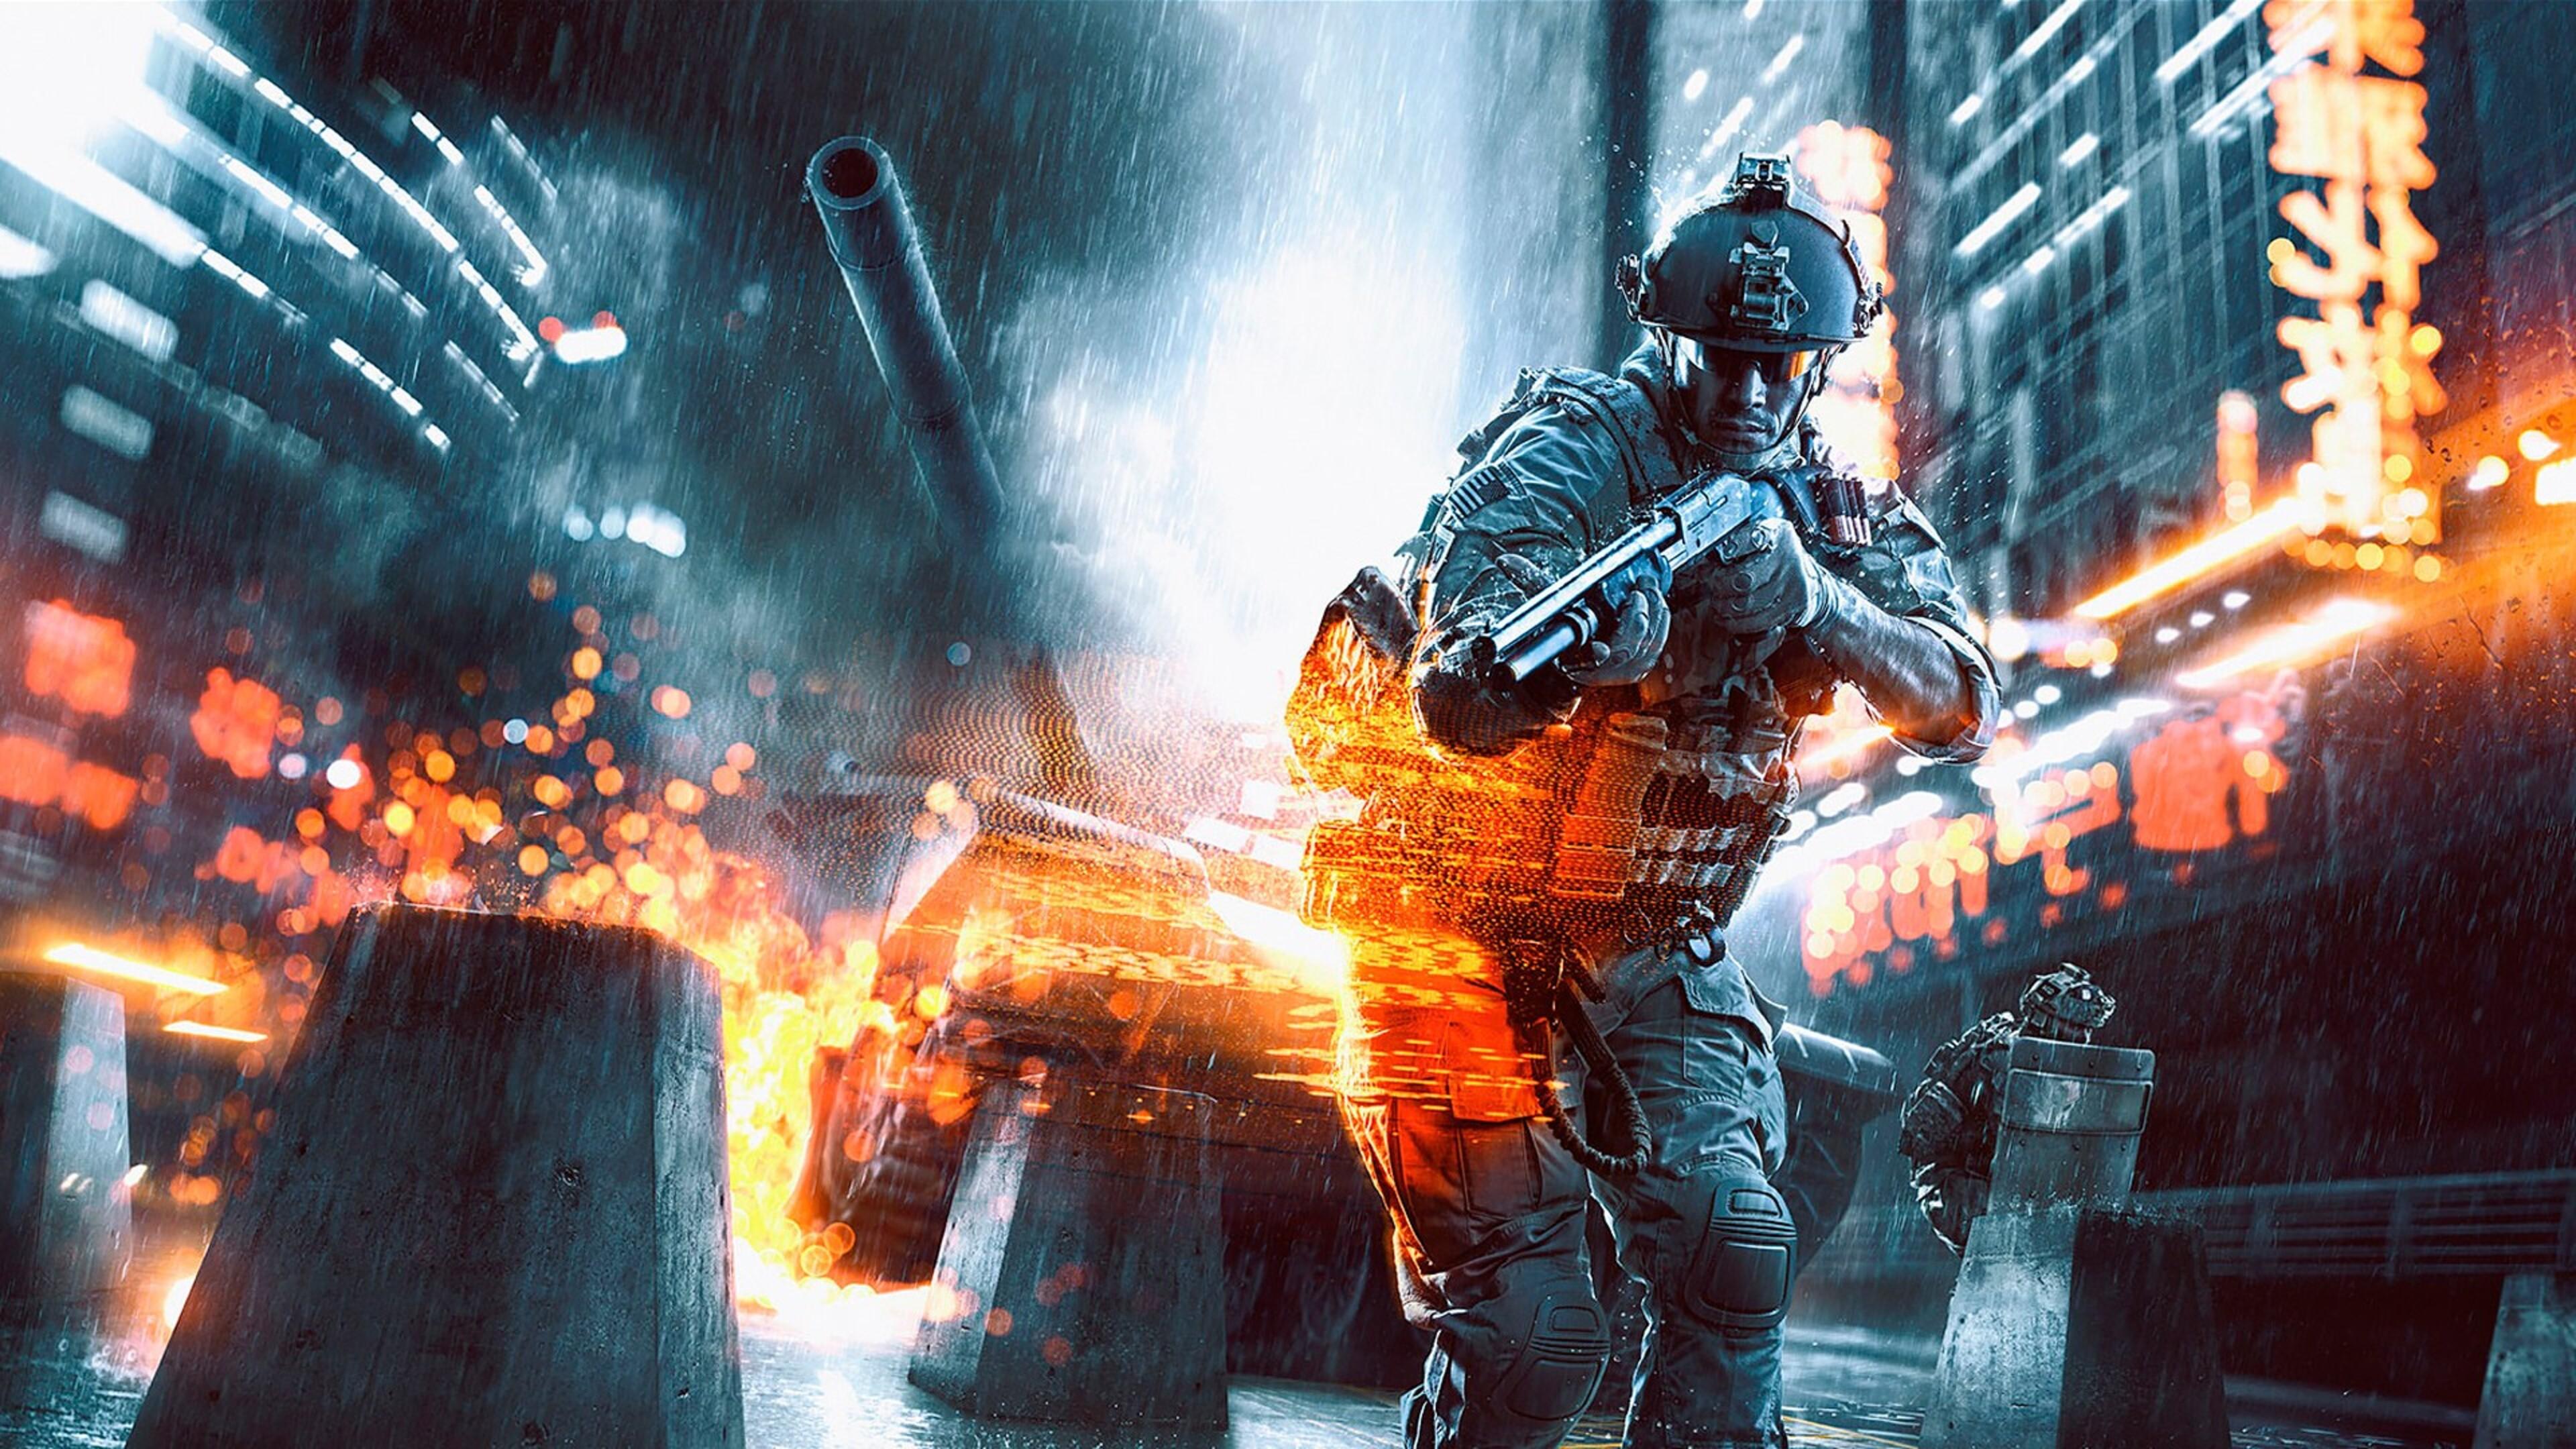 3840x2160 Battlefield 4 Game HD 4k HD 4k Wallpapers